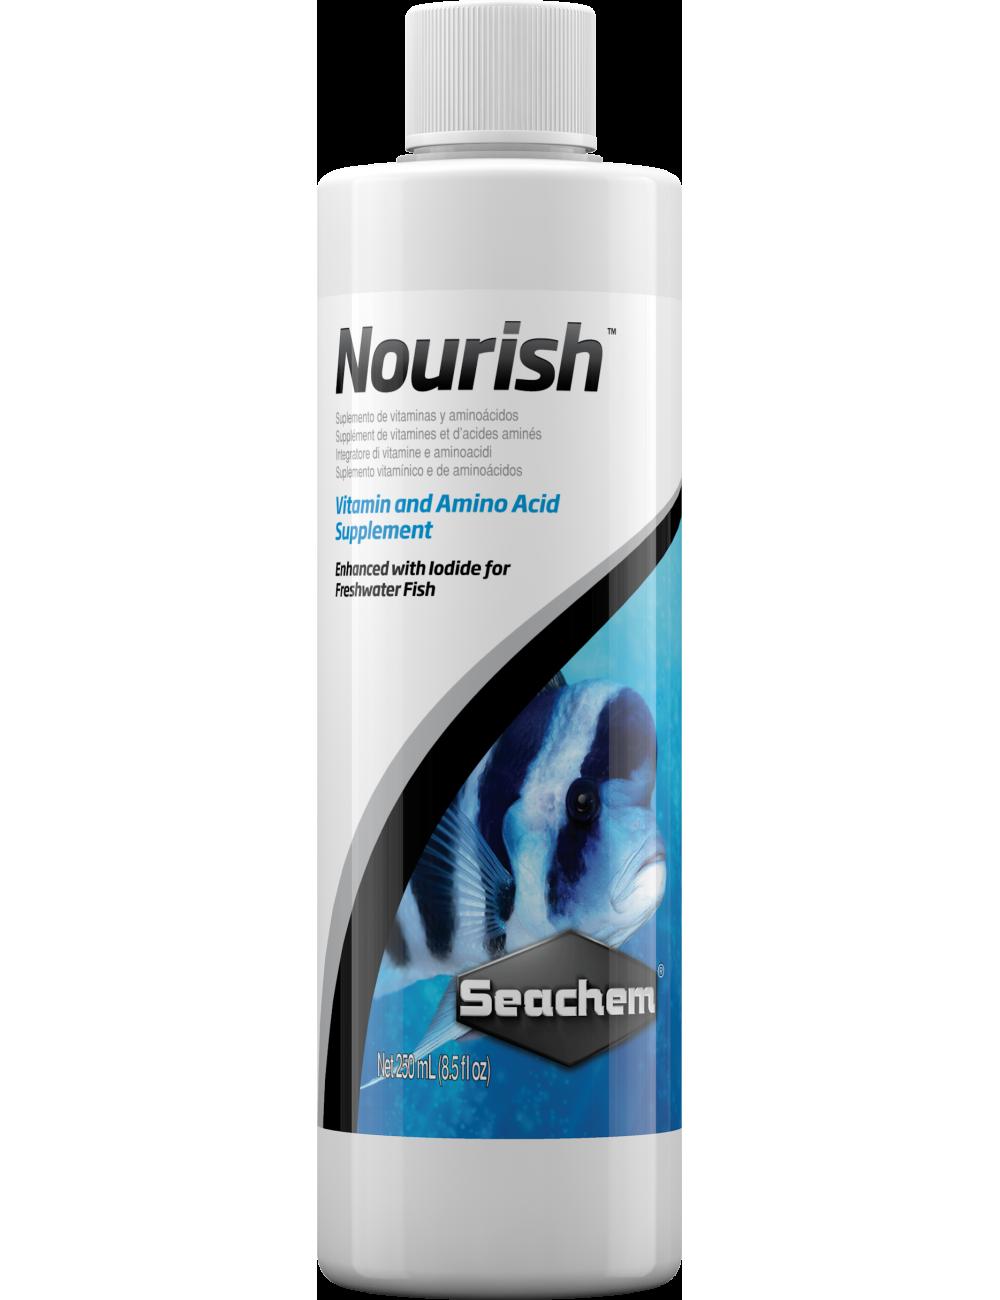 SEACHEM - Nourish 250ml - Additif riche pour poisson d'eau douce